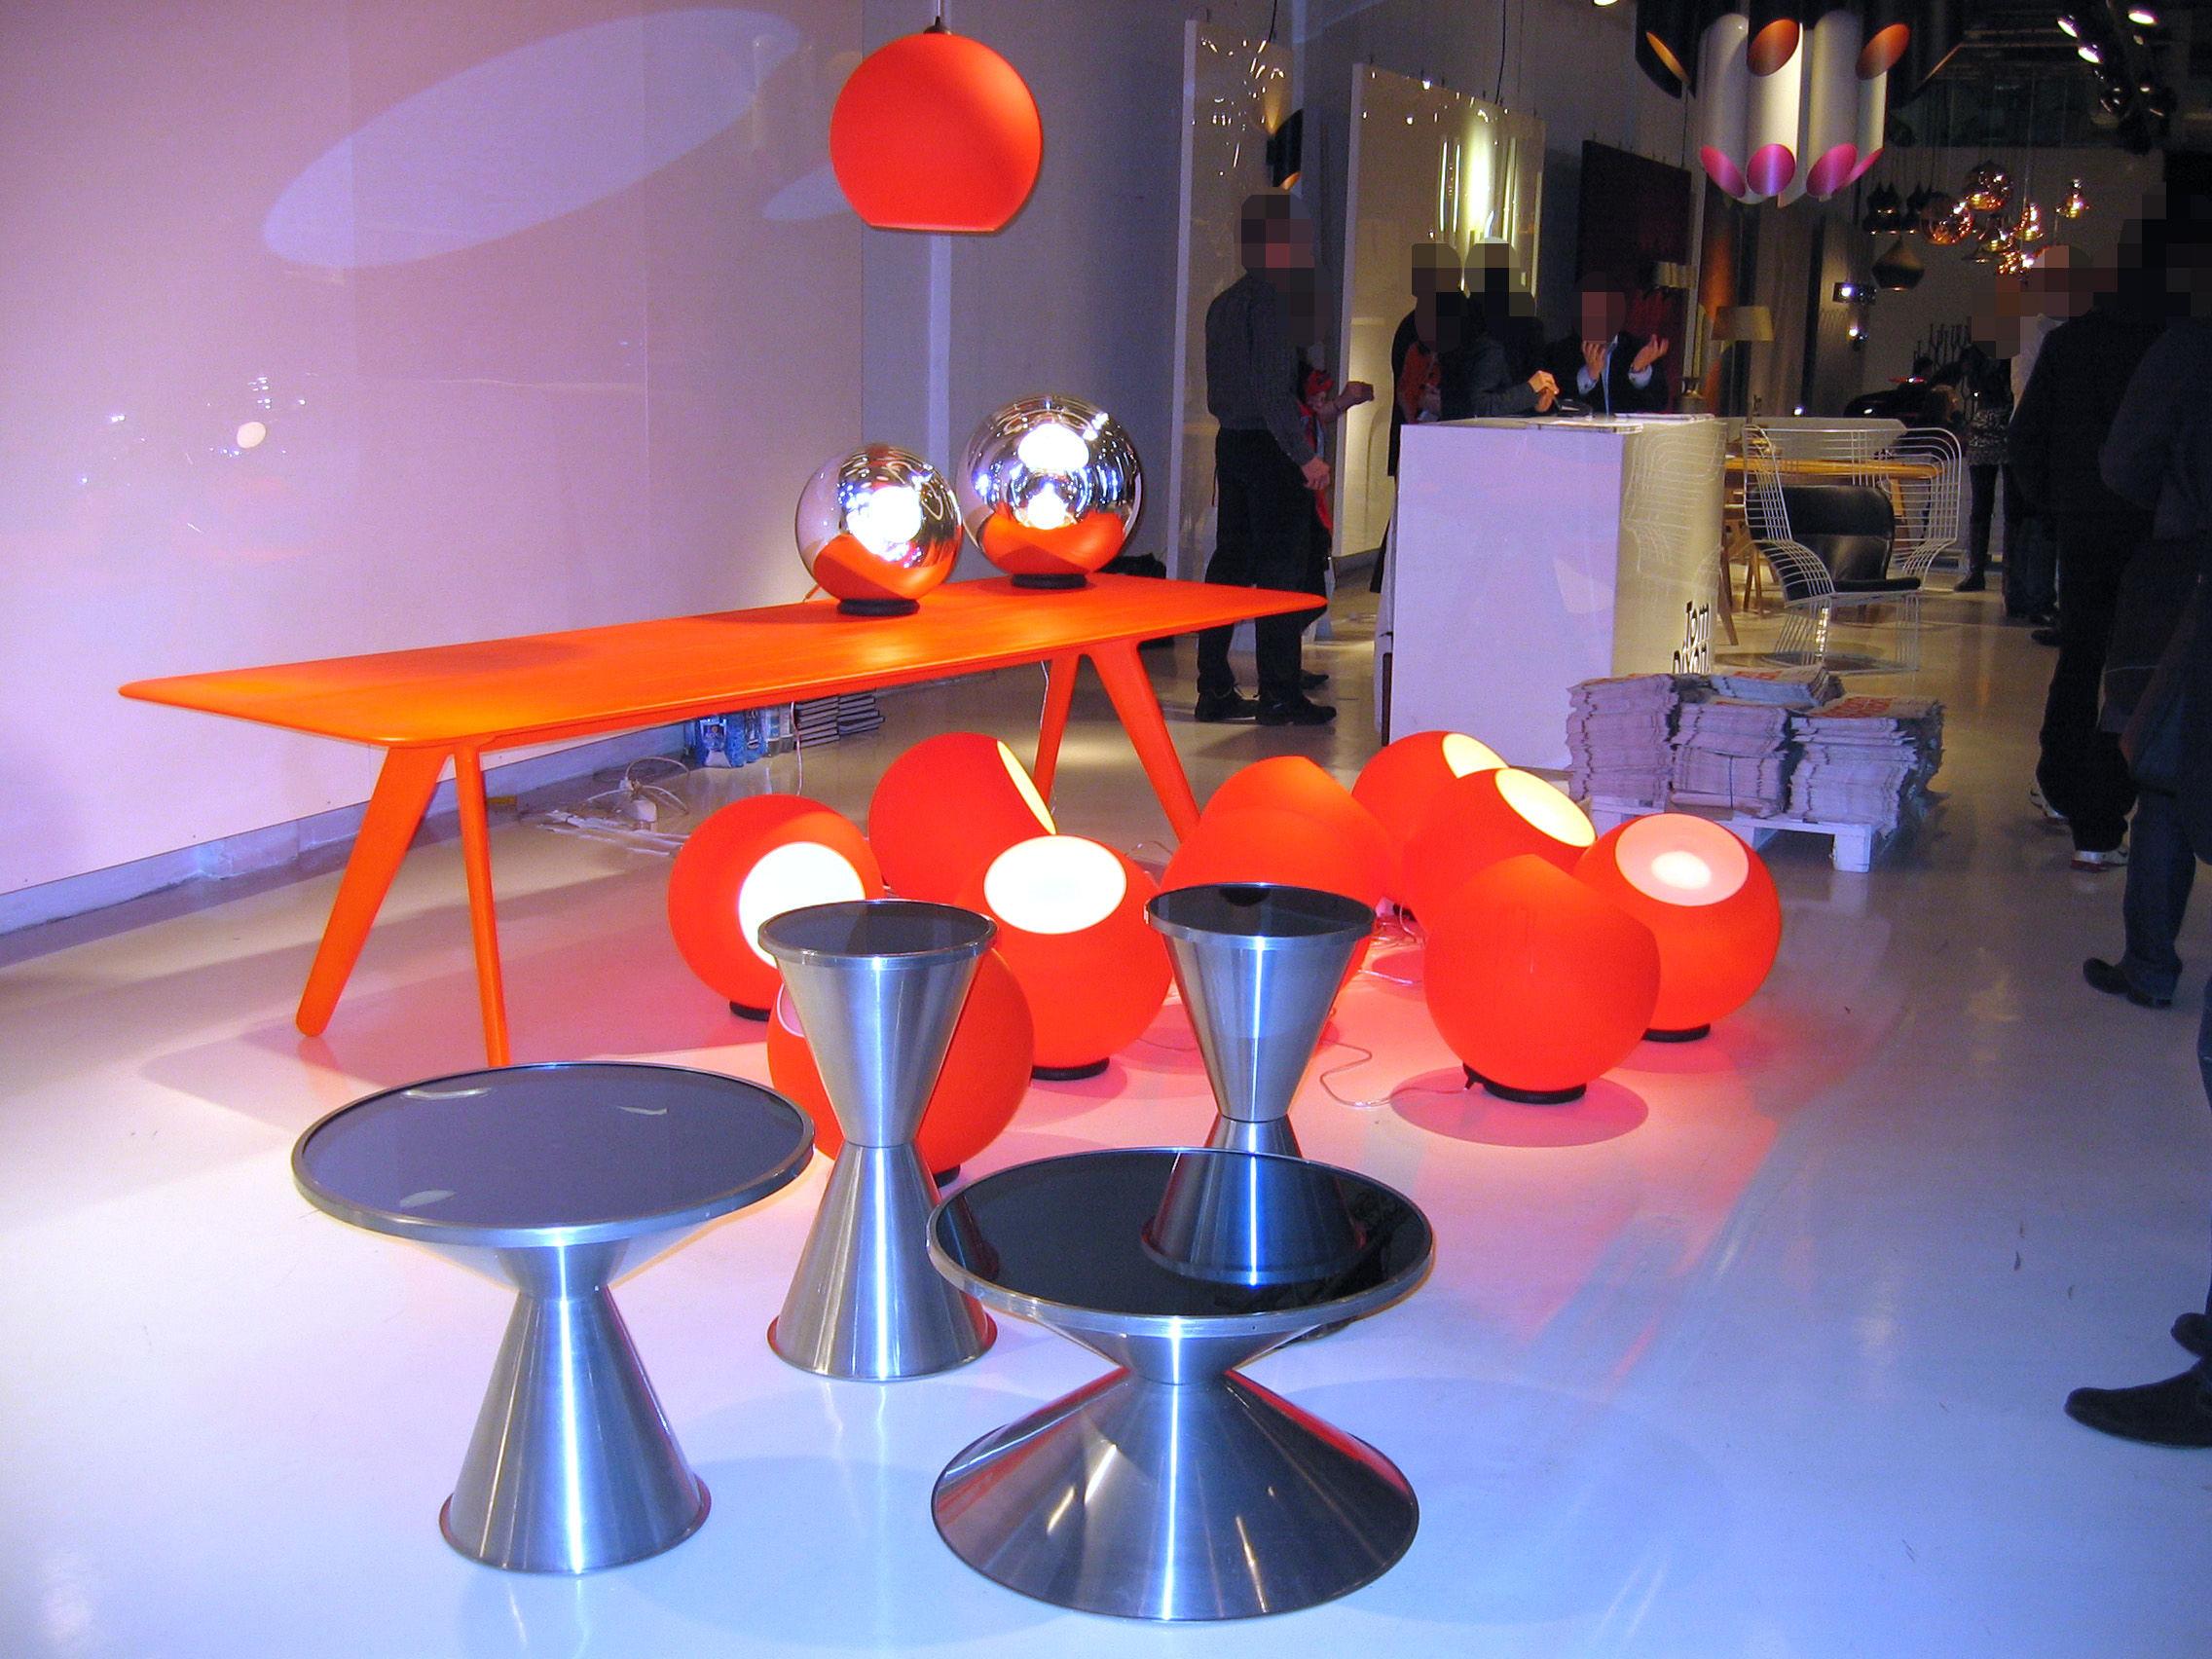 Tom Dixon Lampada Fluoro : Fluoro lampada da tavolo arancione fosforescente by tom